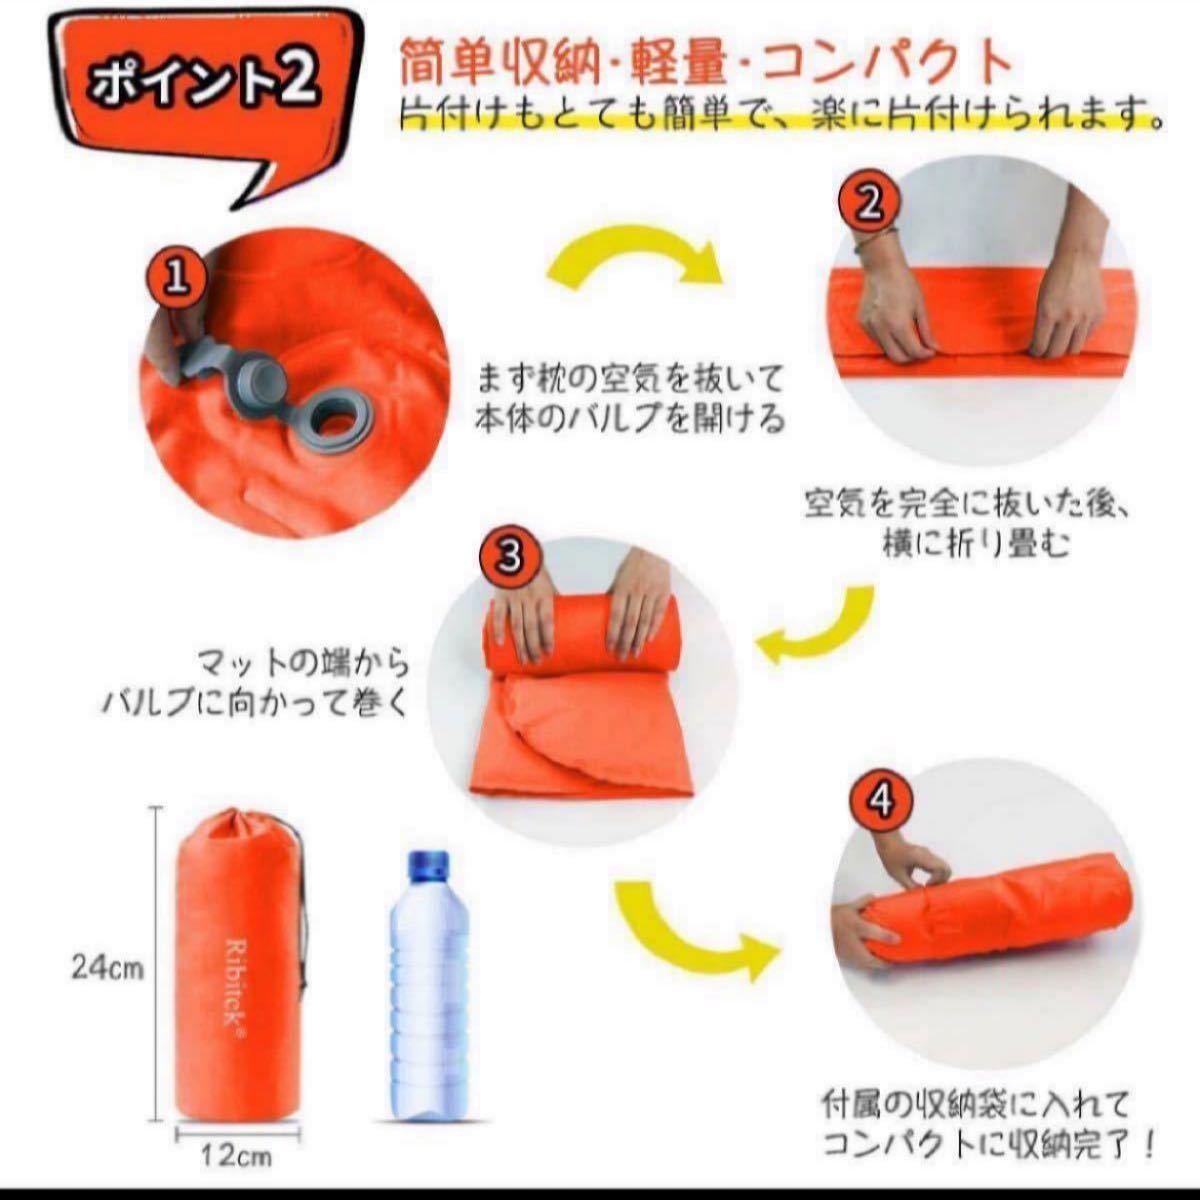 エアーマット キャンプマット 車中泊エアーマット 記憶スポンジ枕付き 折畳み式 超軽量